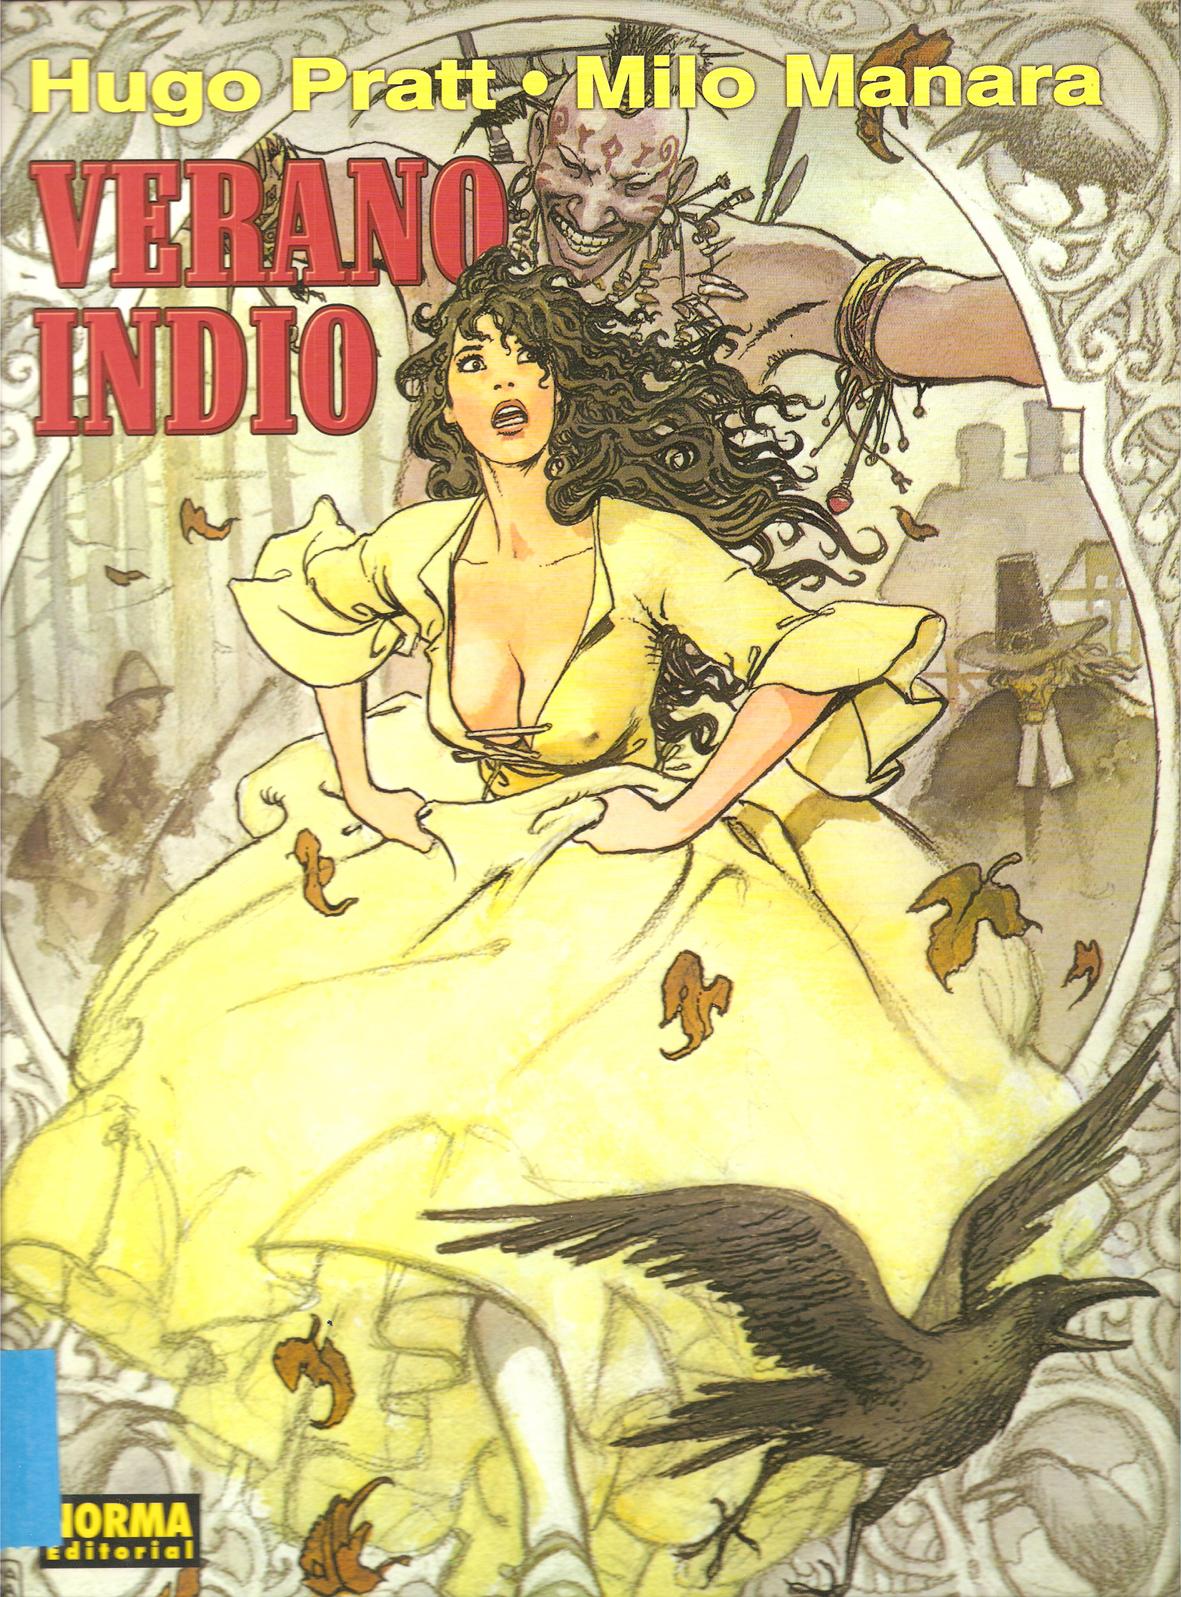 El arte del comic y la ilustración Verano+indio2